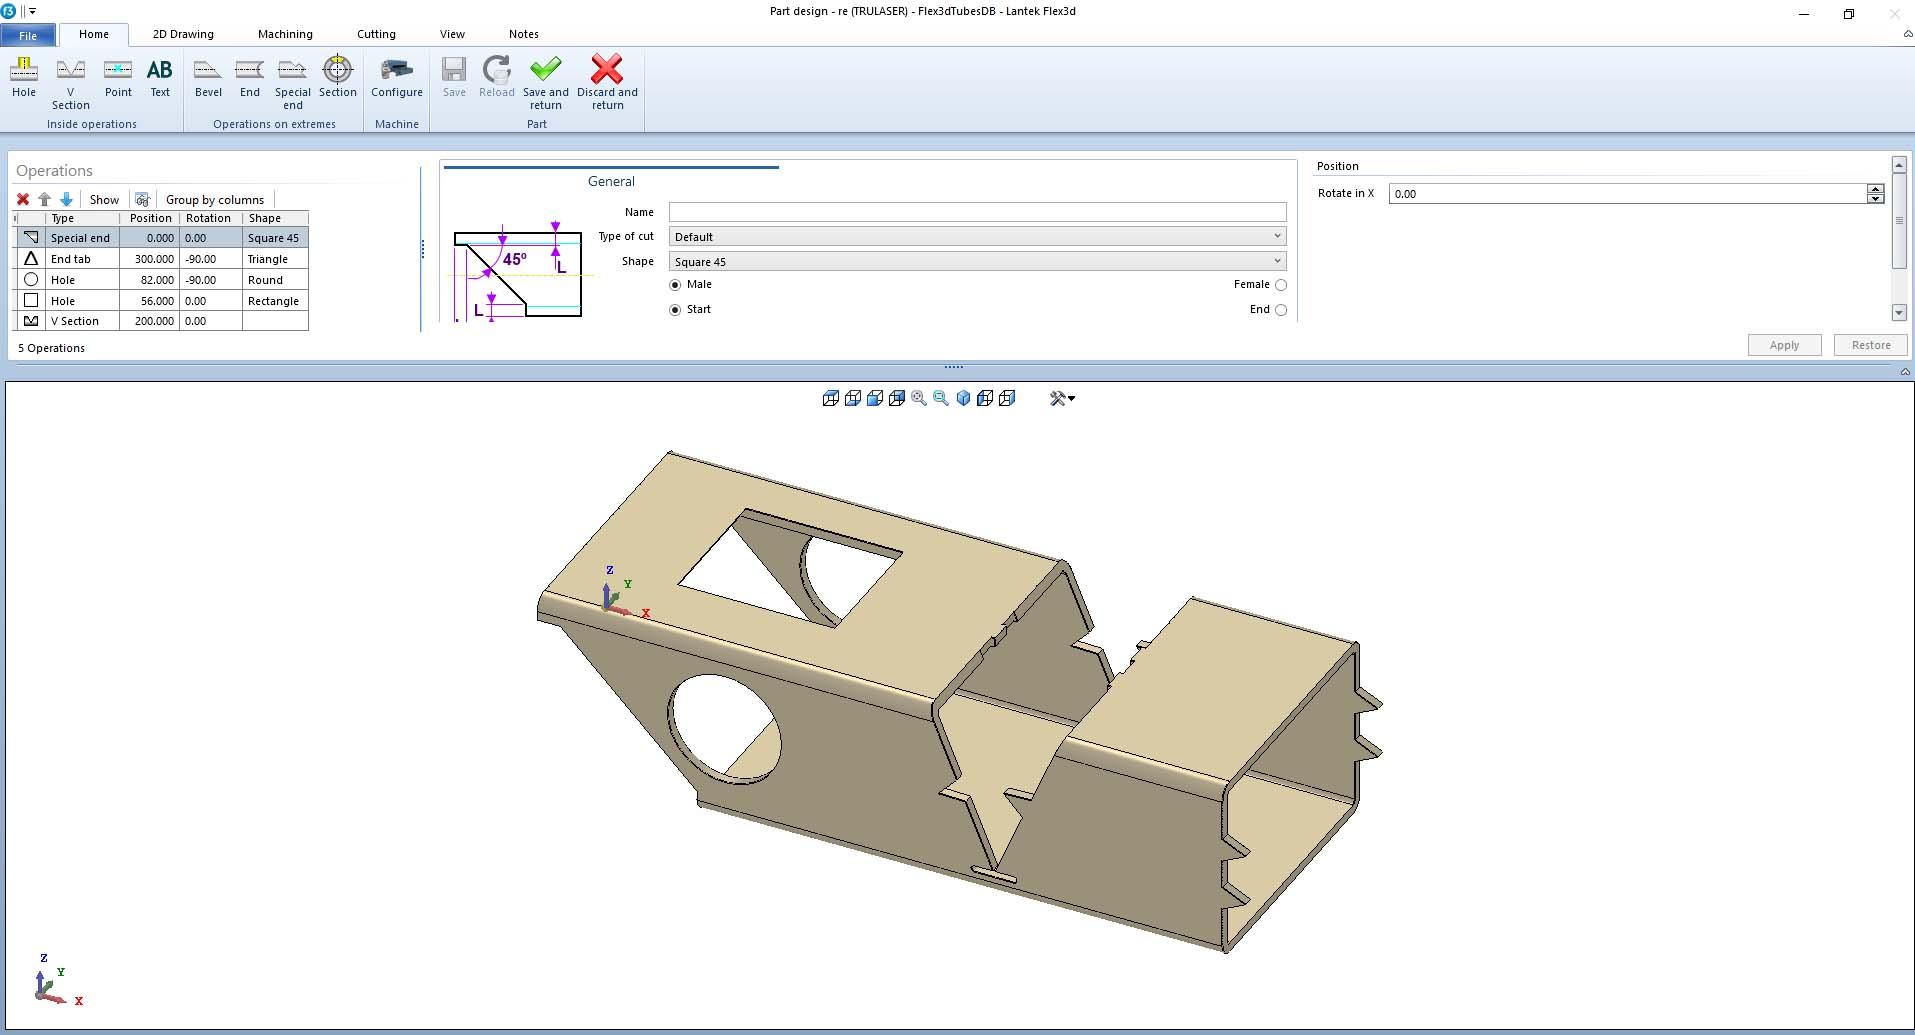 Lantek Flex3d Tubes  - Part design